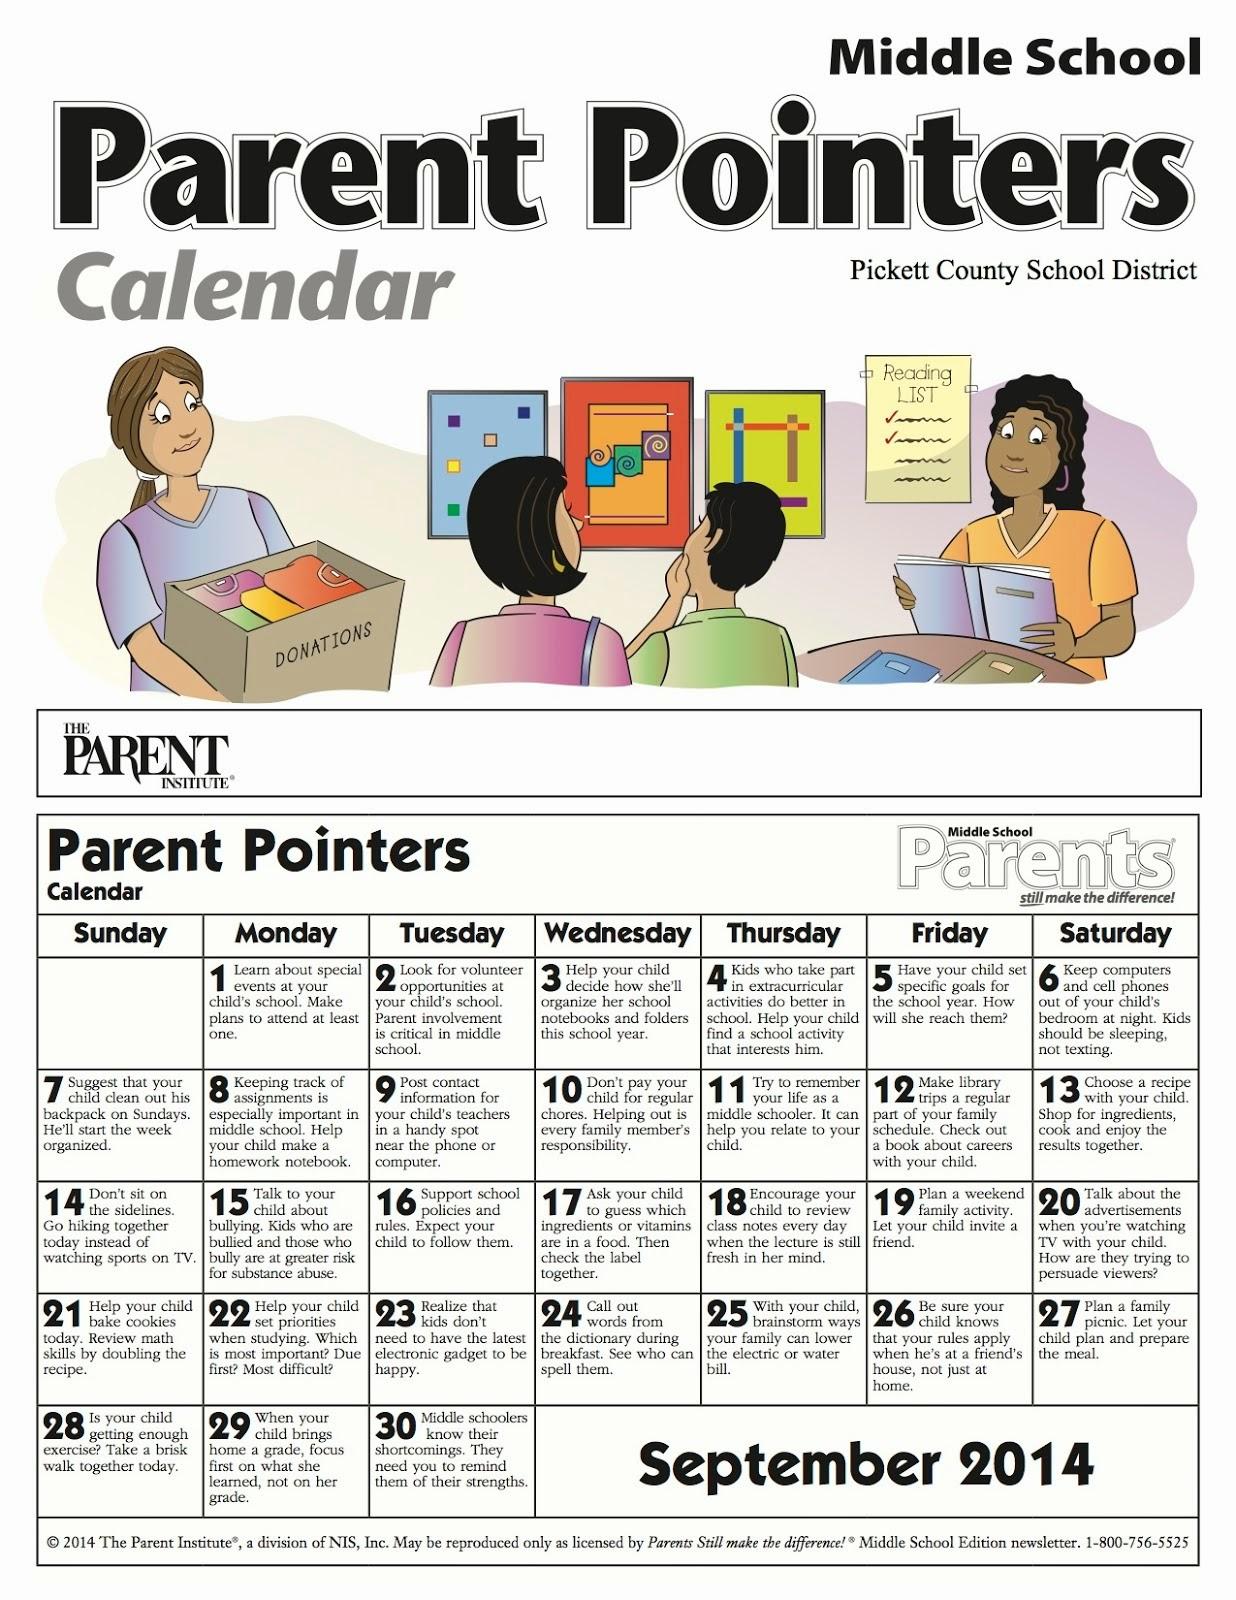 Parent Pointers Middle School